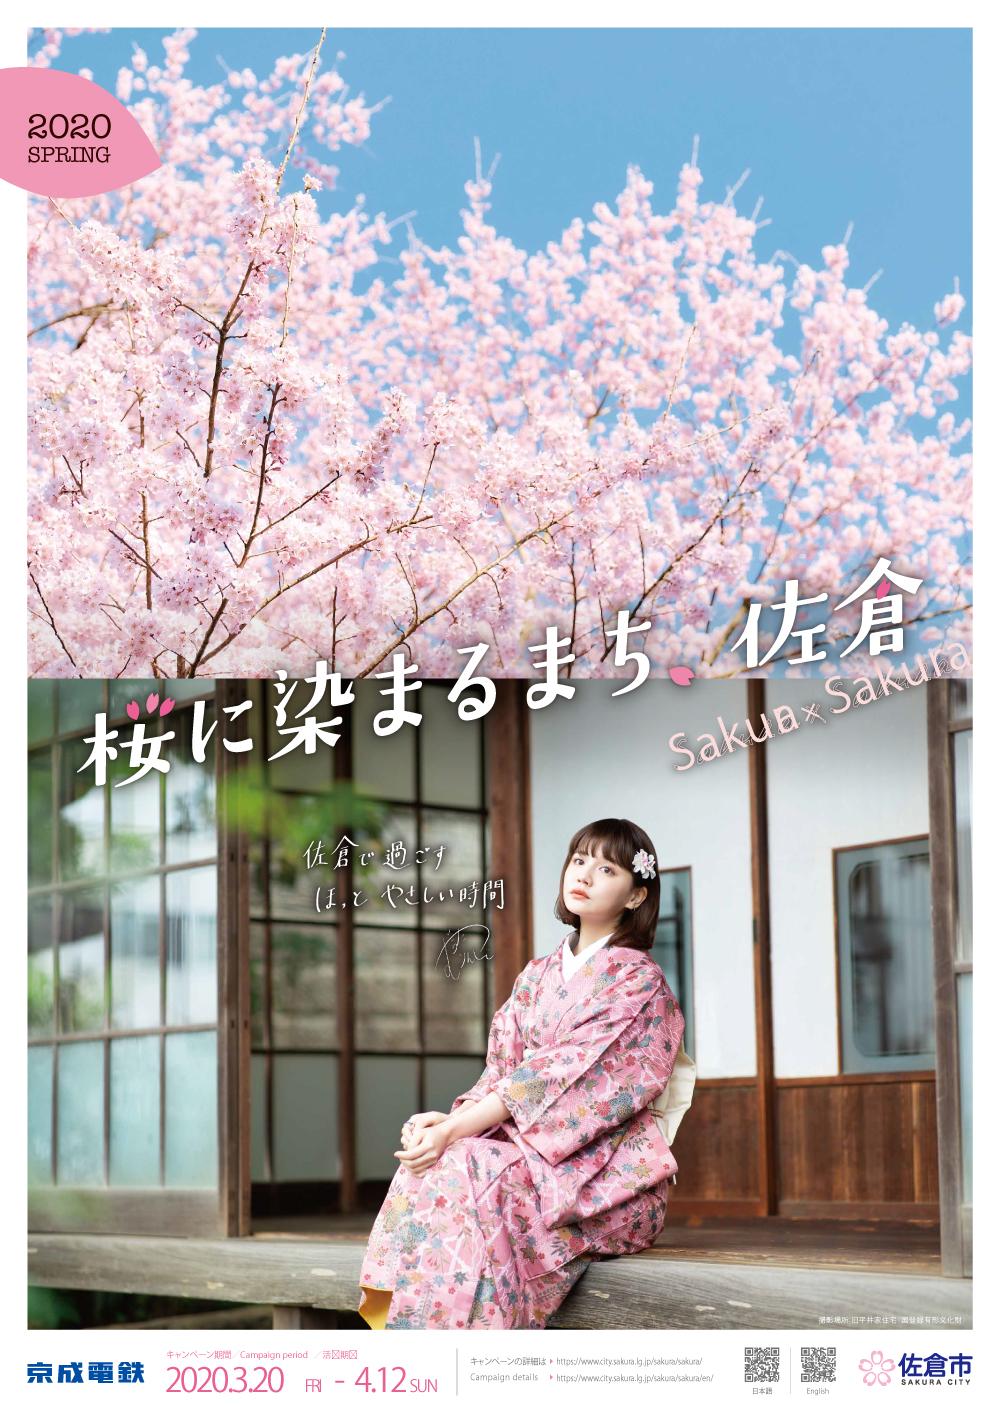 佐倉市×京成電鉄の観光キャンペーン、村田倫子がイメージキャラクターに